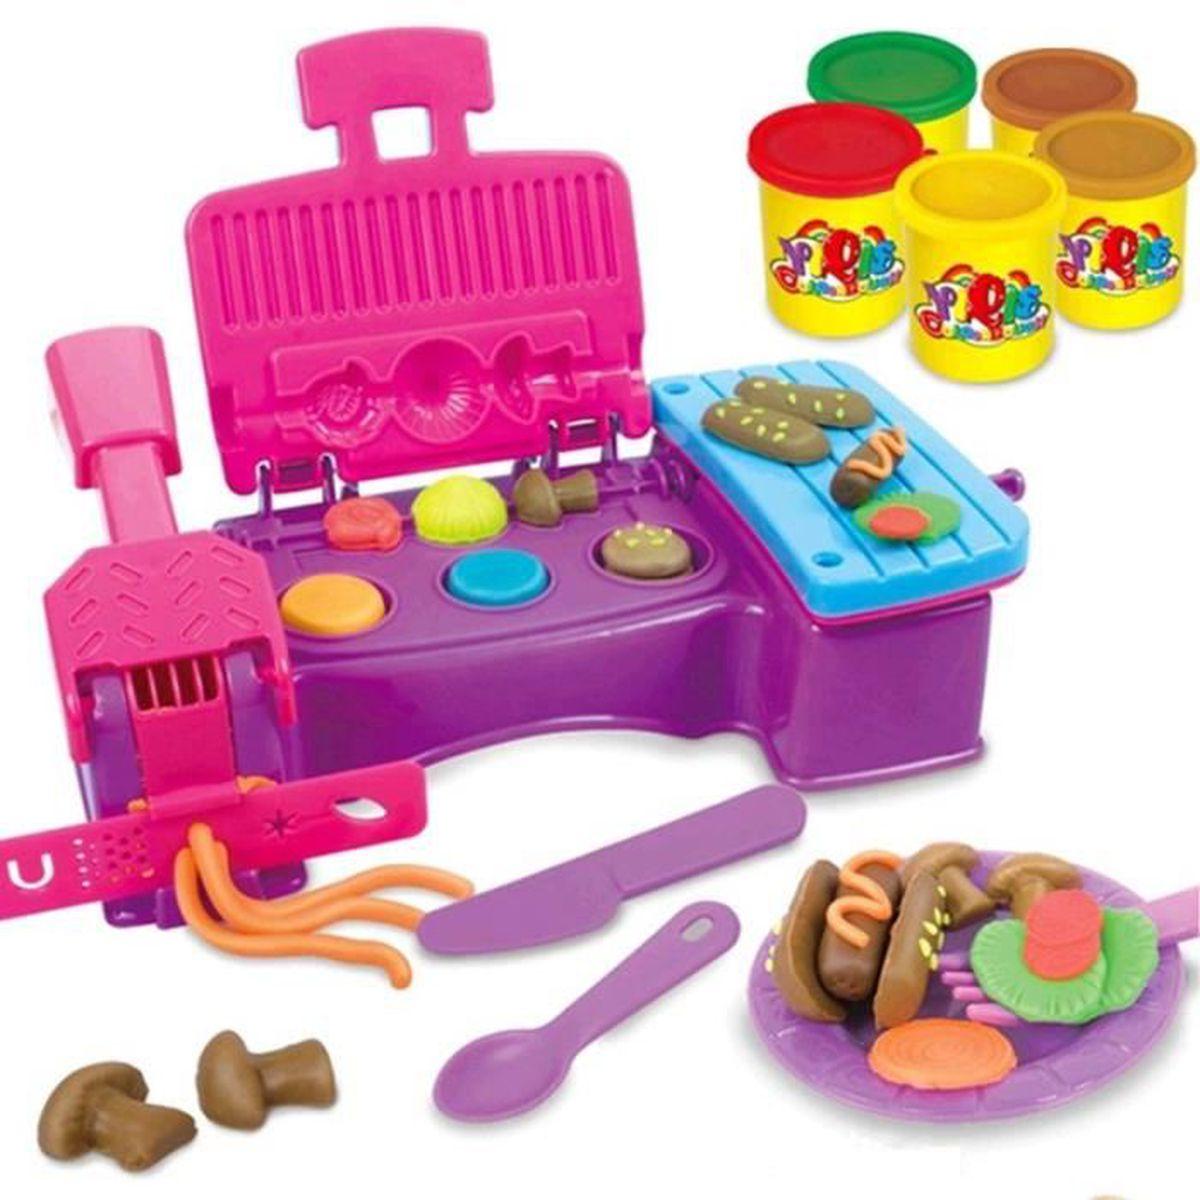 Kit pate a modeler enfant - Achat / Vente jeux et jouets pas chers